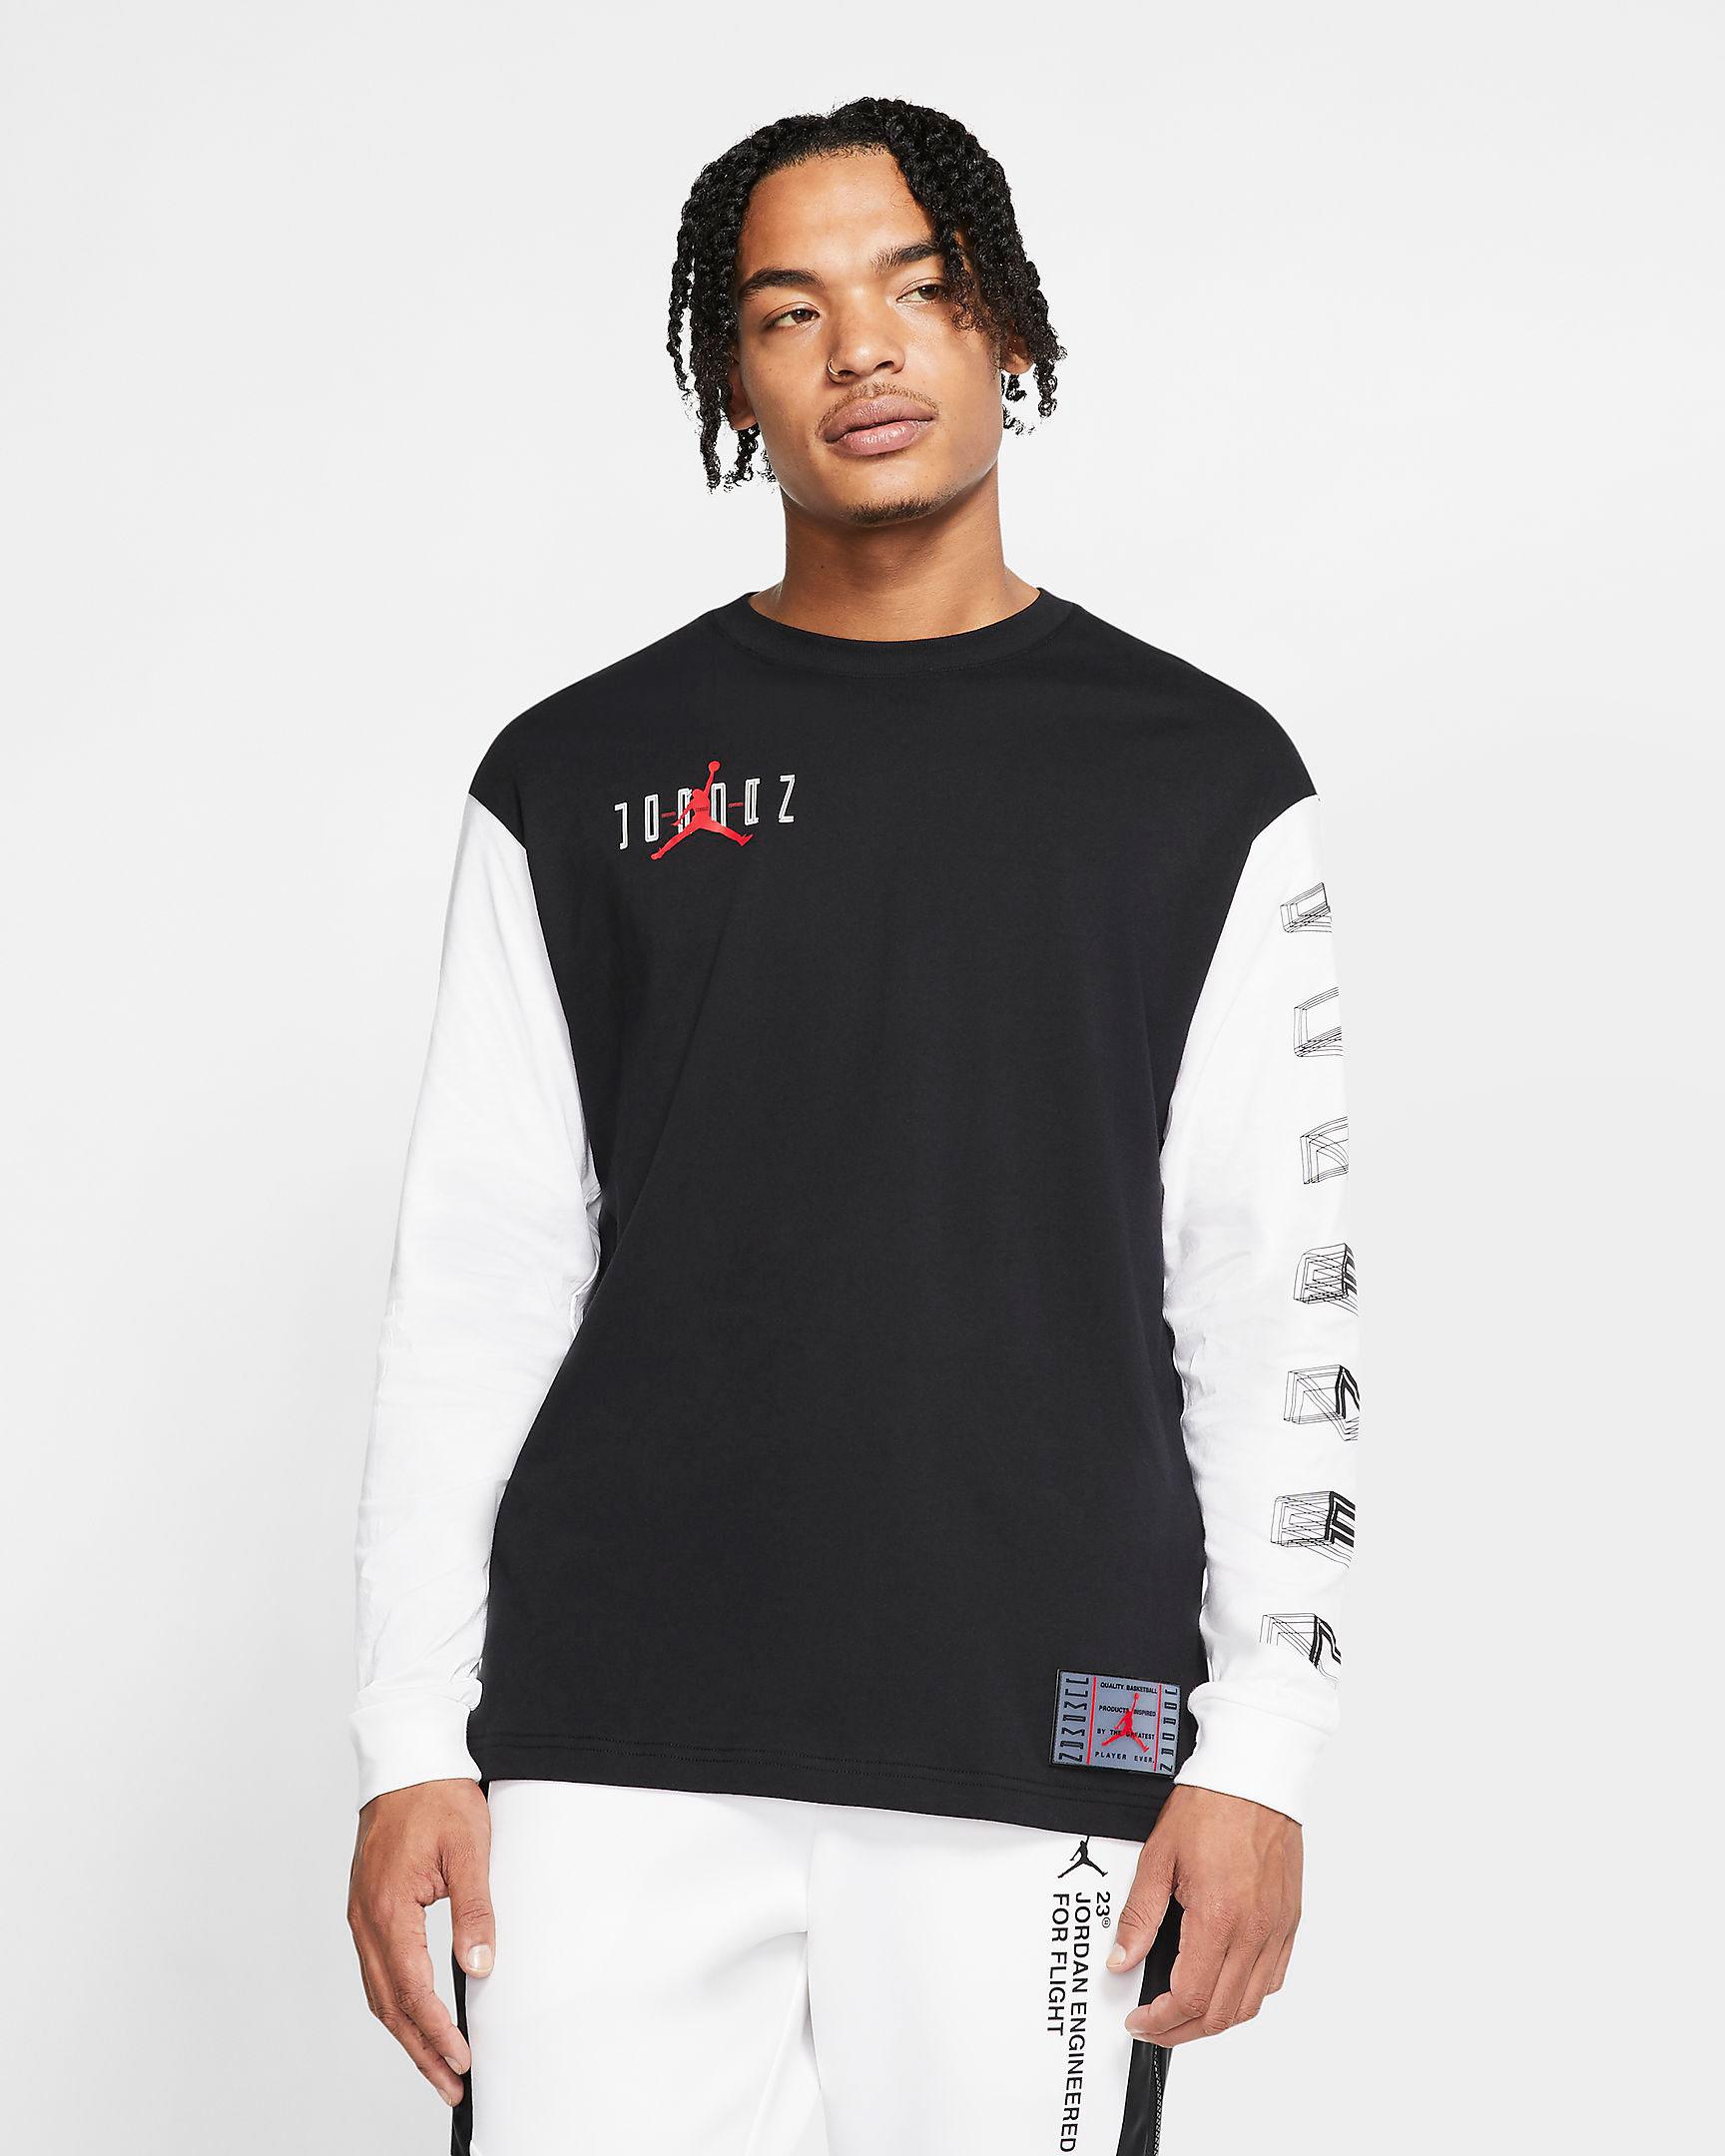 air-jordan-11-bred-2019-long-sleeve-shirt-1